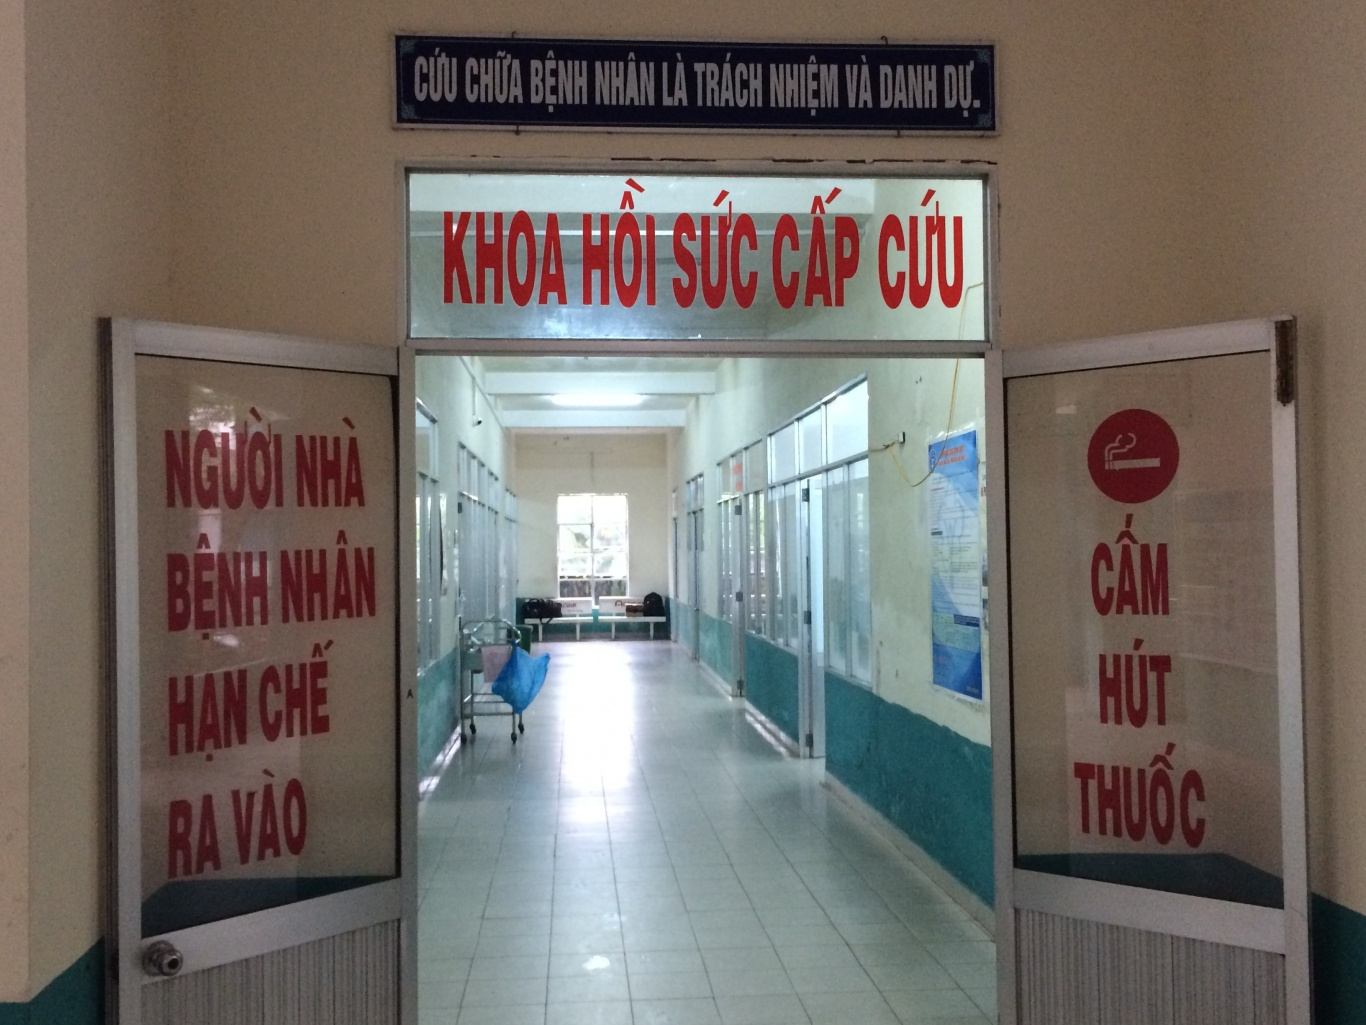 trung tâm y tế quận Ngũ Hành Sơn Đà Nẵng đã lắp nút chuông bấm gọi y tá ST-100 và bảng hiển thị SR-2003